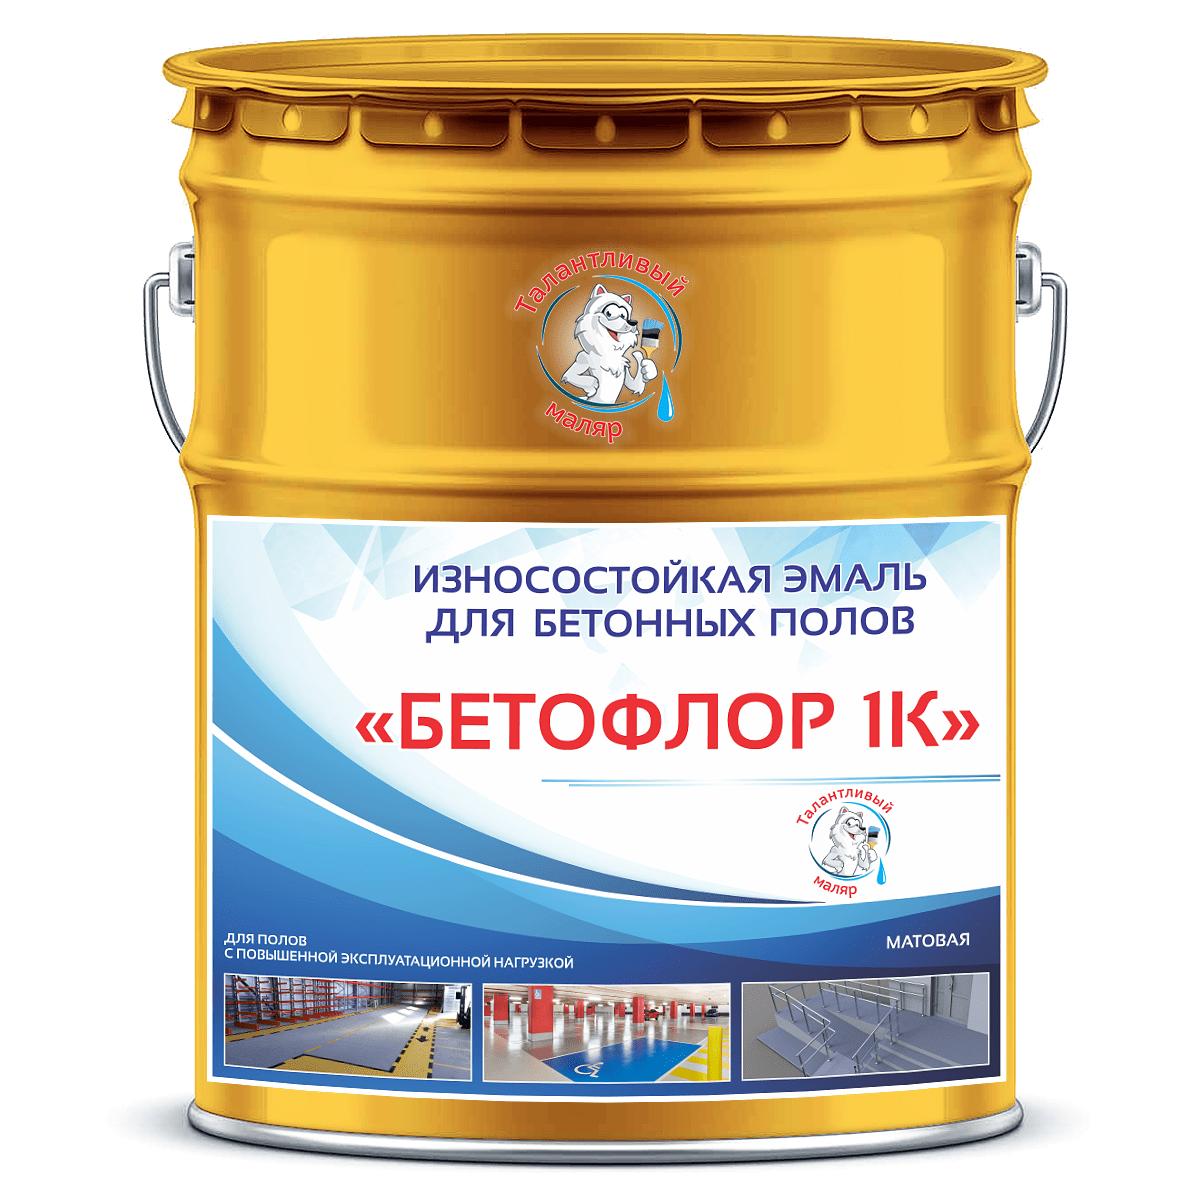 """Фото 8 - BF1007 Эмаль для бетонных полов """"Бетофлор"""" 1К цвет RAL 1007 Нарциссово-жёлтый, матовая износостойкая, 25 кг """"Талантливый Маляр""""."""